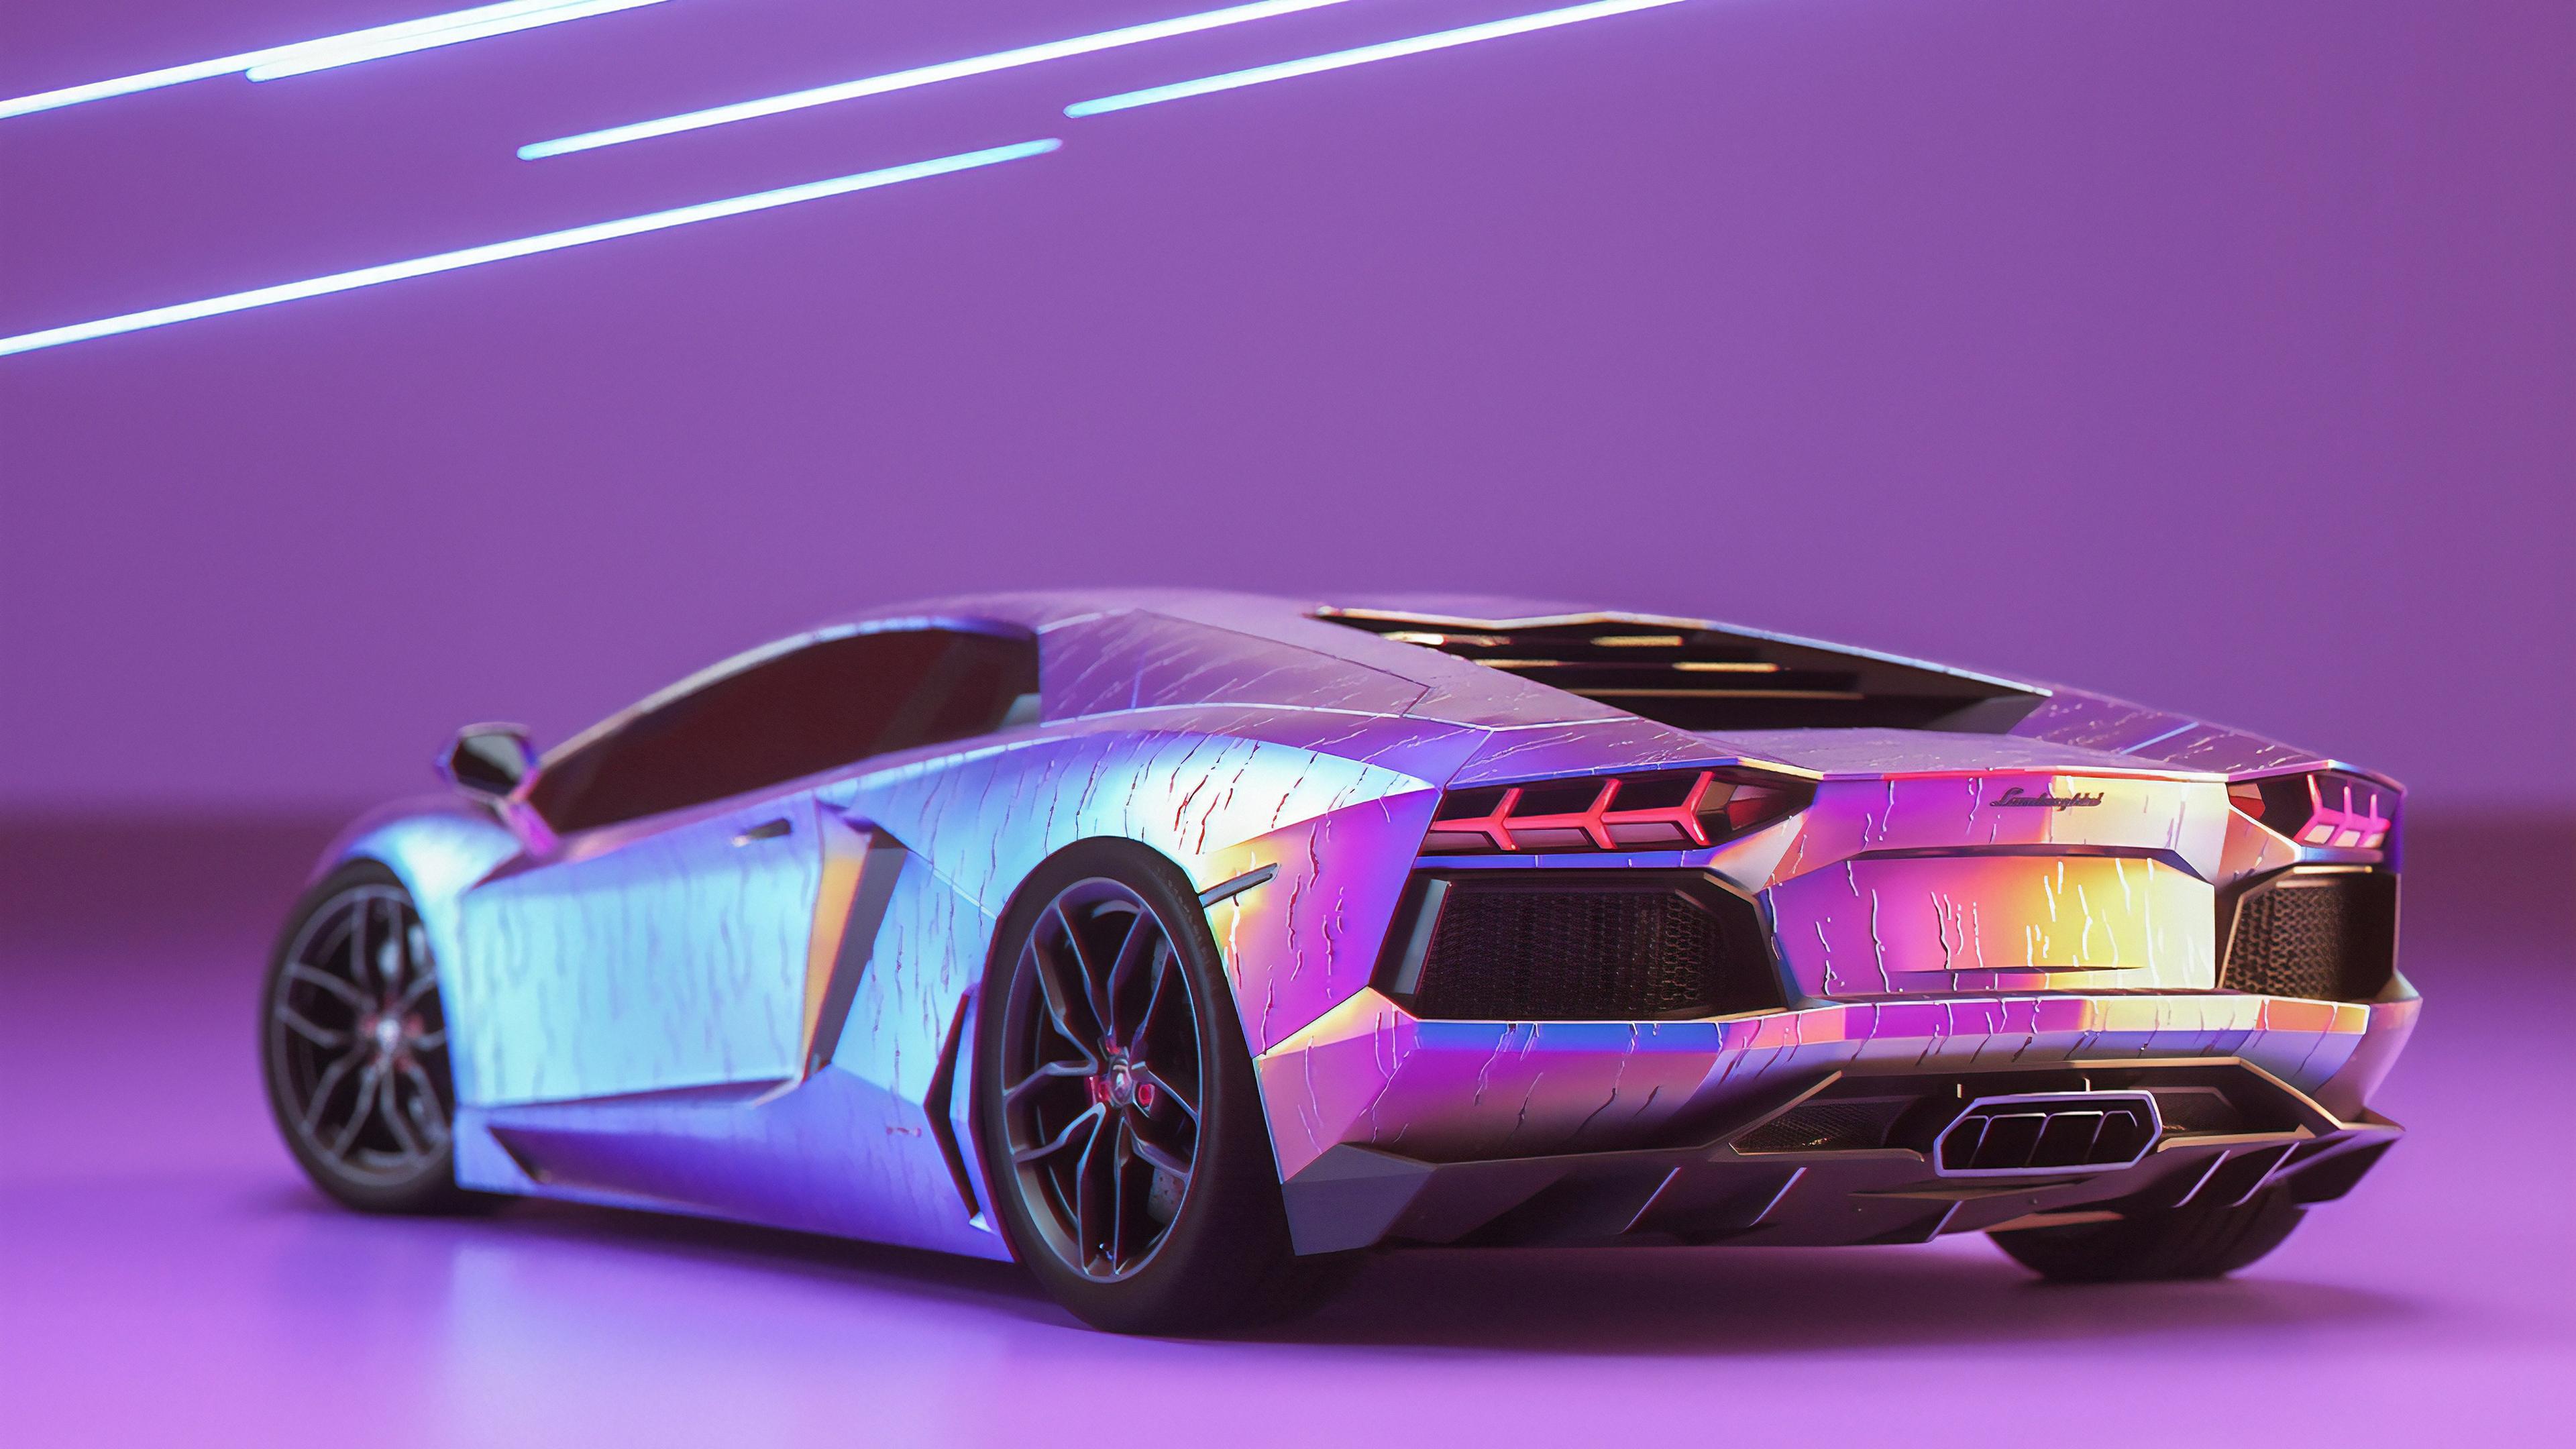 lamborghini aventador new rear 1570919092 - Lamborghini Aventador New Rear - lamborghini aventador wallpapers, hd-wallpapers, cars wallpapers, behance wallpapers, 4k-wallpapers